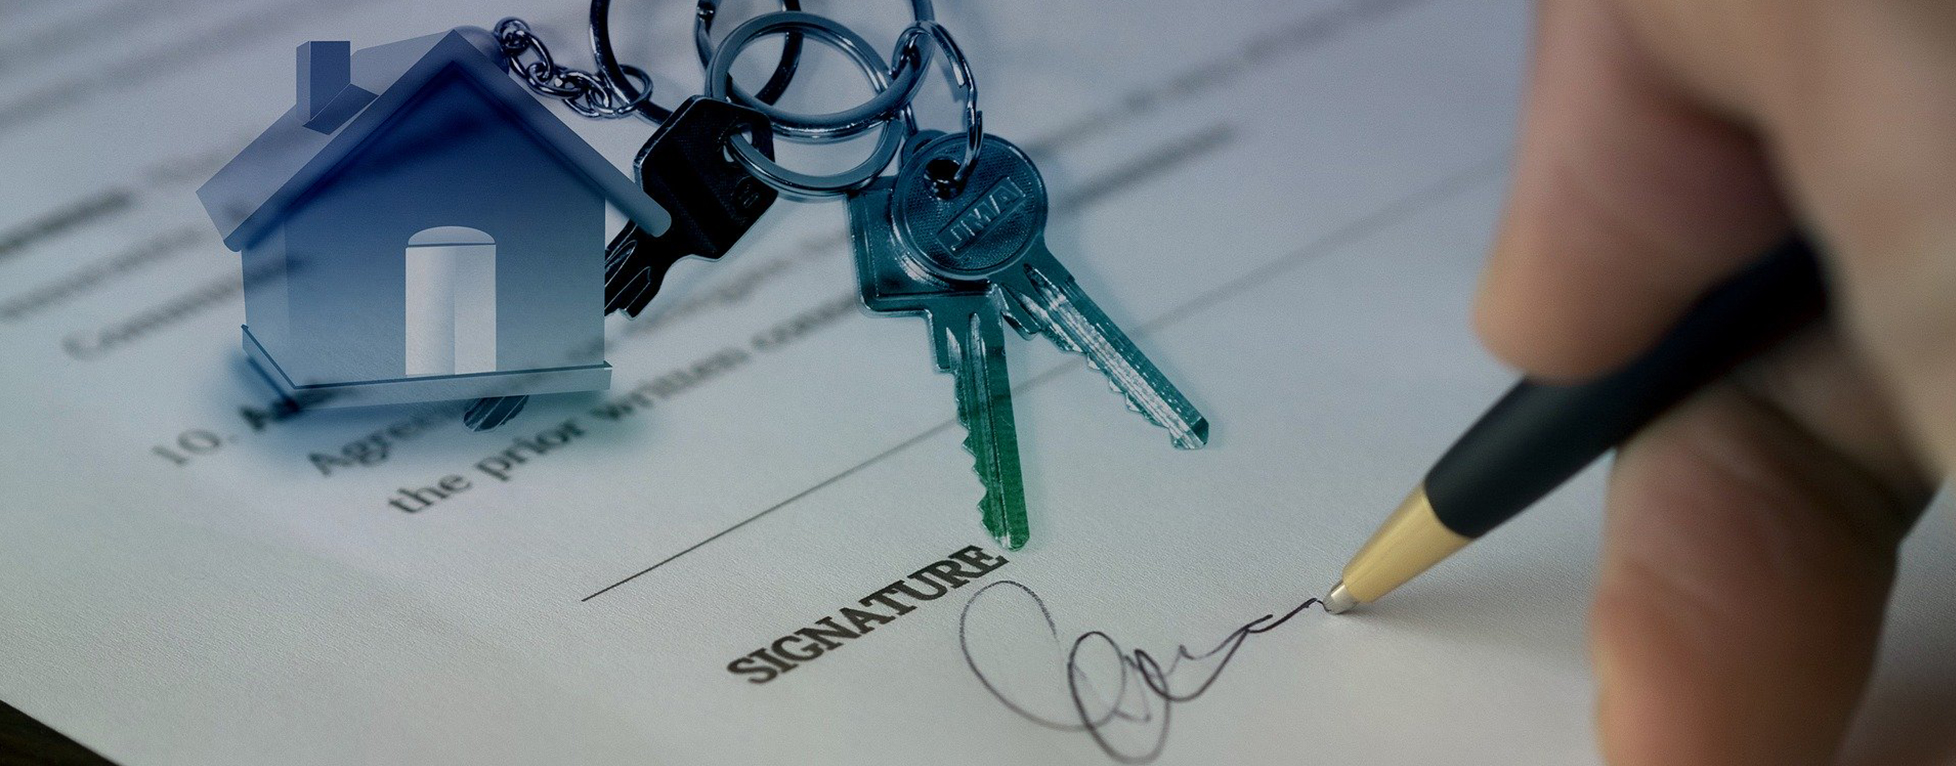 Immobilier : faut-il créer un fichier des mauvais payeurs ?